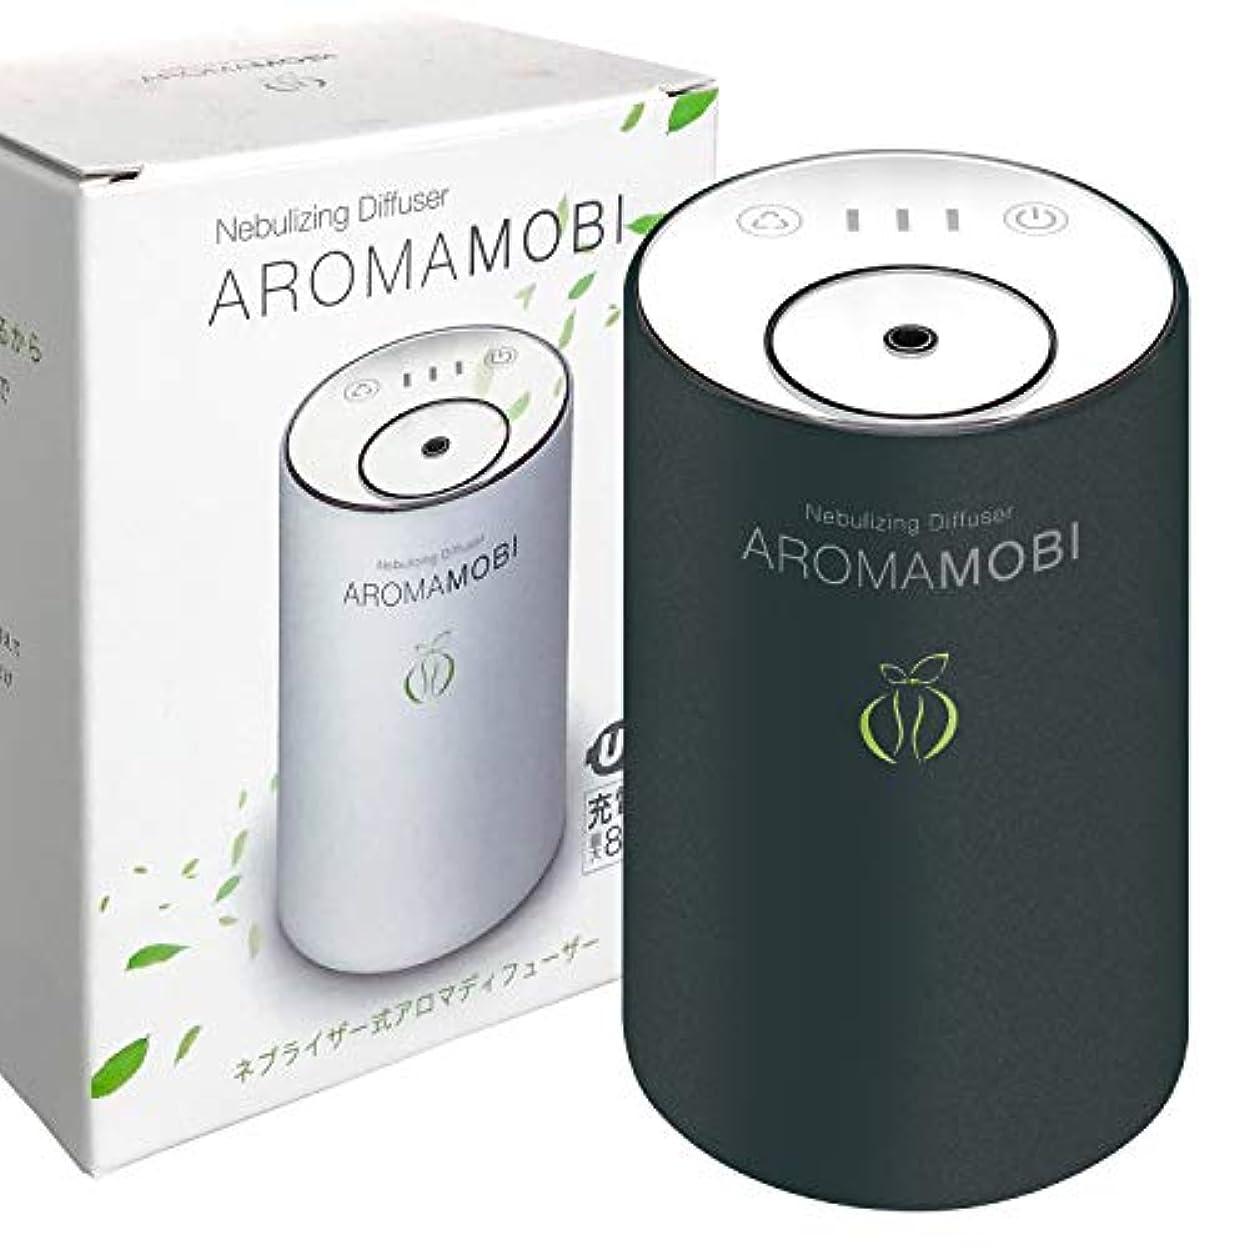 ウールプロフェッショナル十分funks AROMA MOBI 充電式 アロマディフューザー ネブライザー式 ブラック